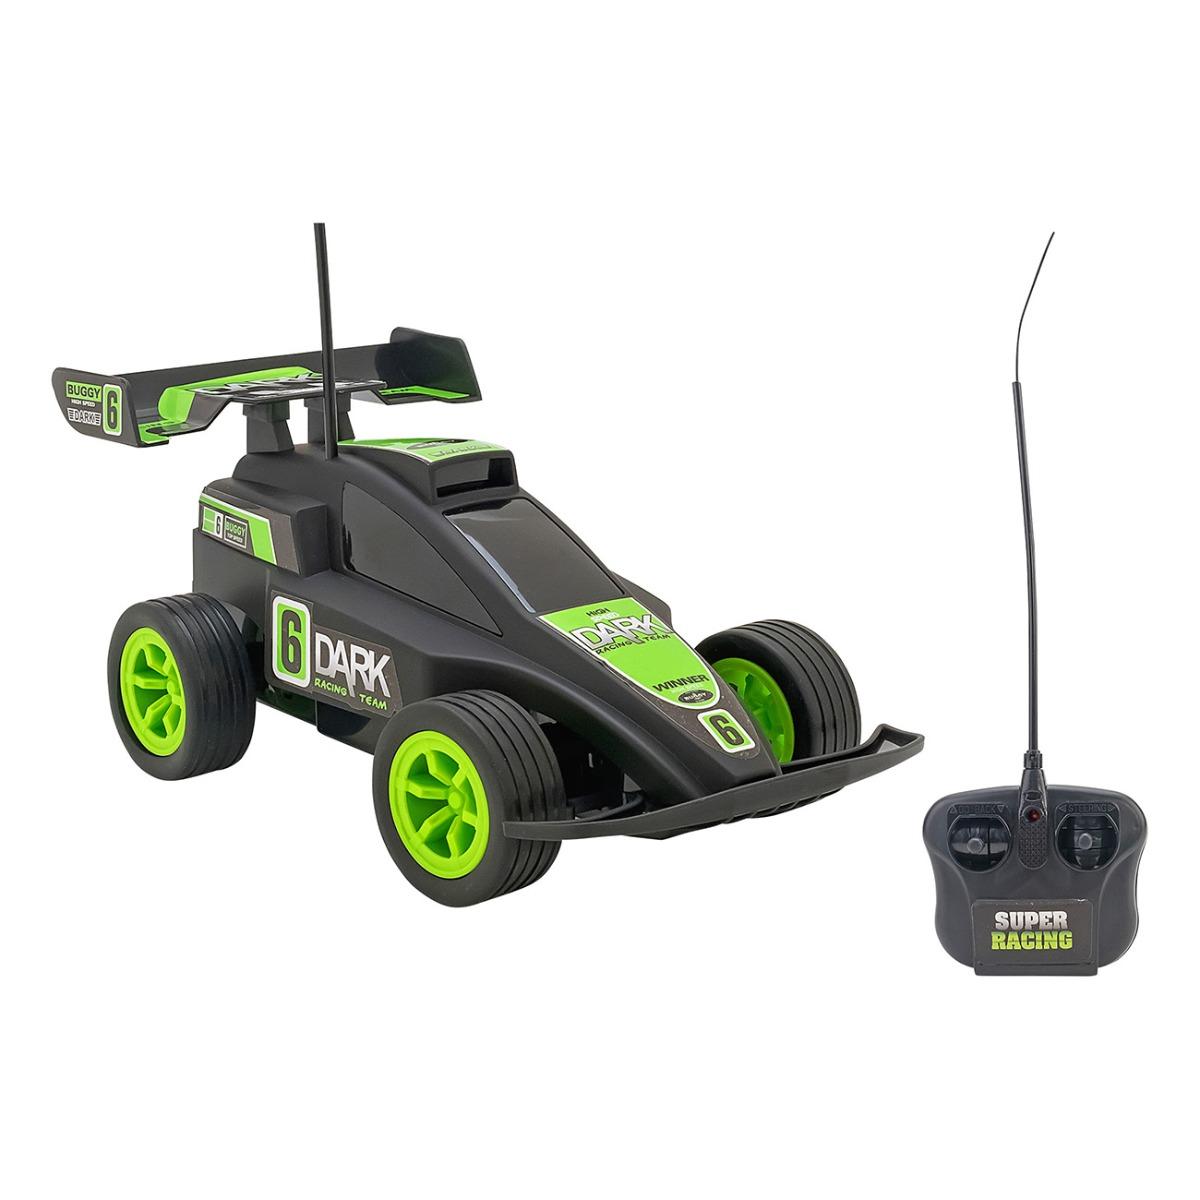 Masinuta cu telecomanda Buggy, 1:16, Verde